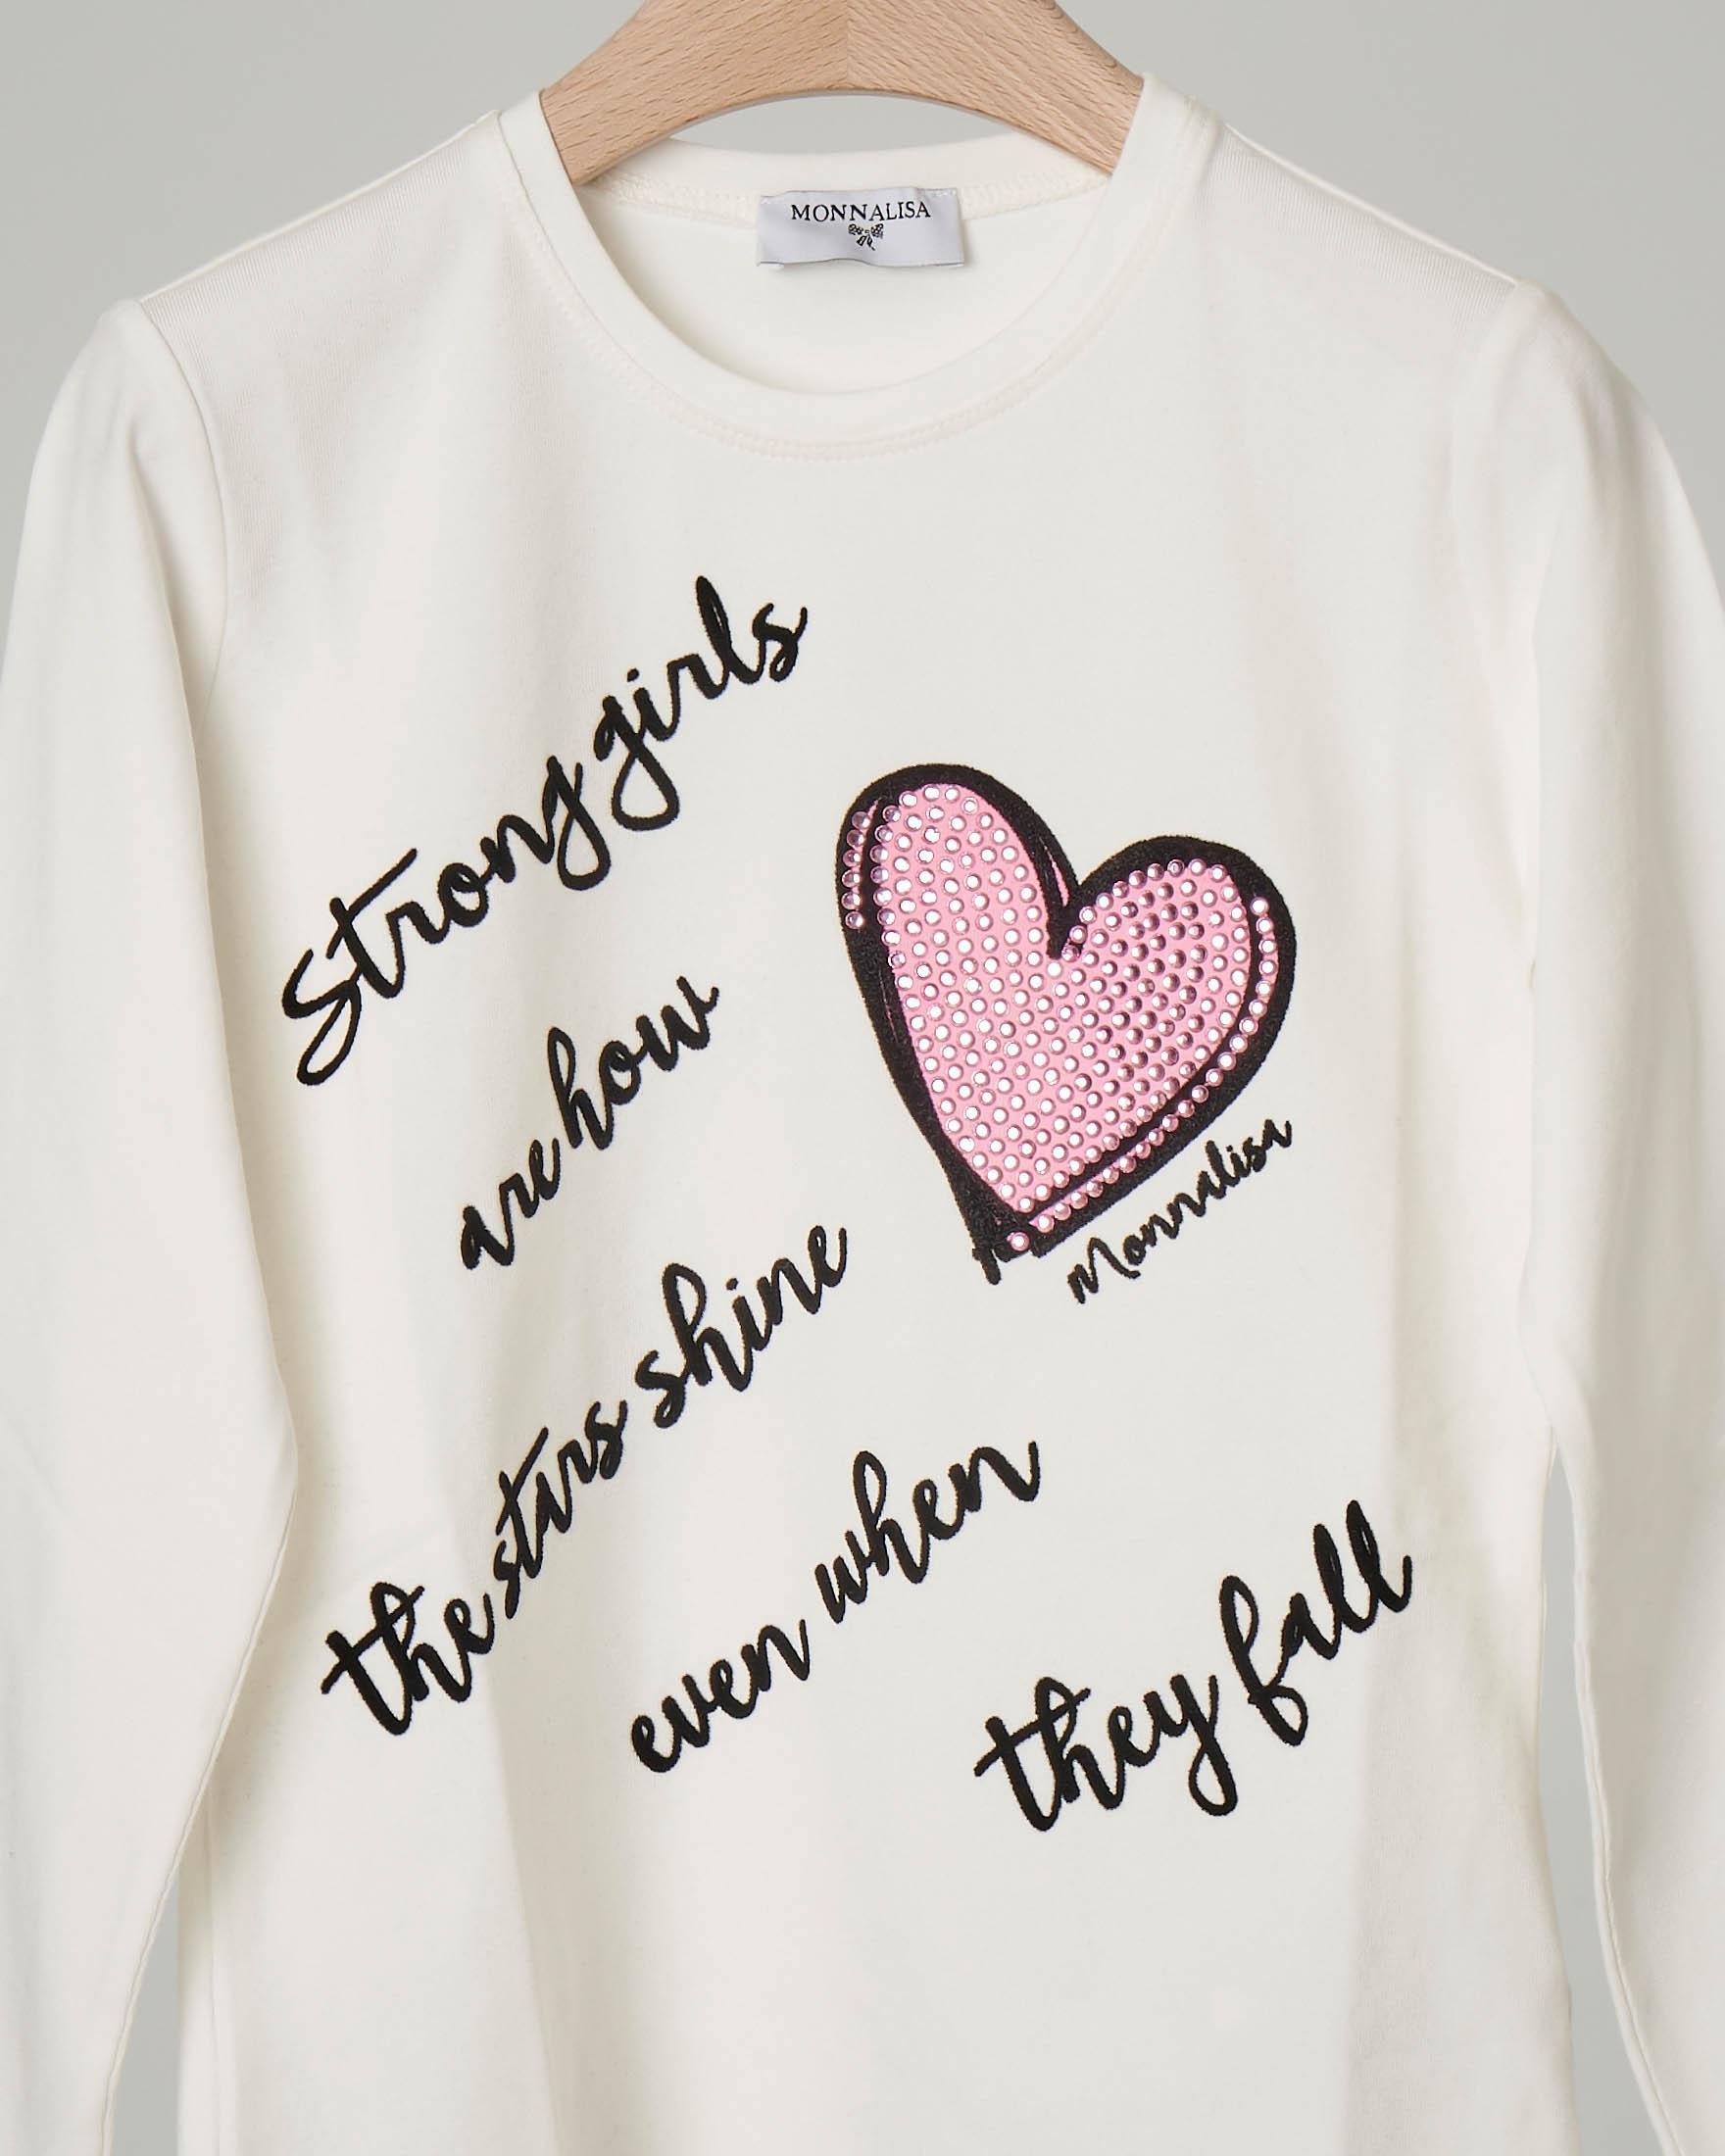 Italily Lady Love Stampa Maglietta a Maniche Lunghe T-Shirt da Donna a Maniche Lunghe con Stampa a Cuore